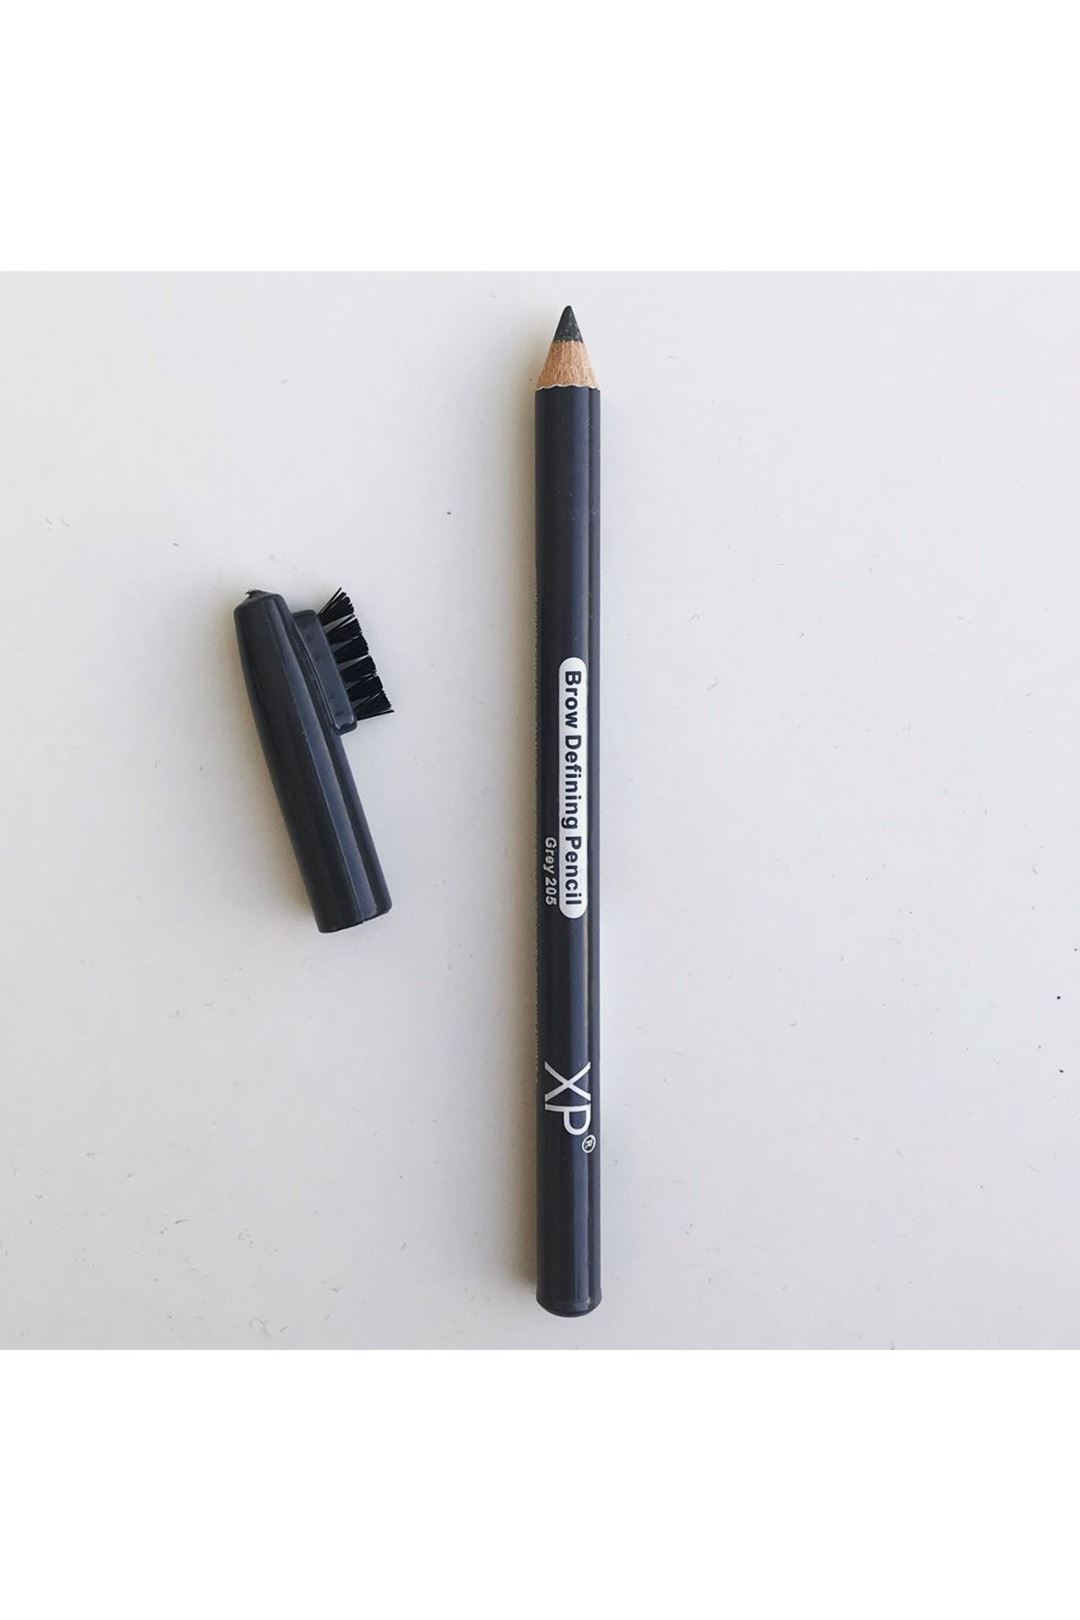 Xp Kaş Kalemi Brow Defining Pencil  205